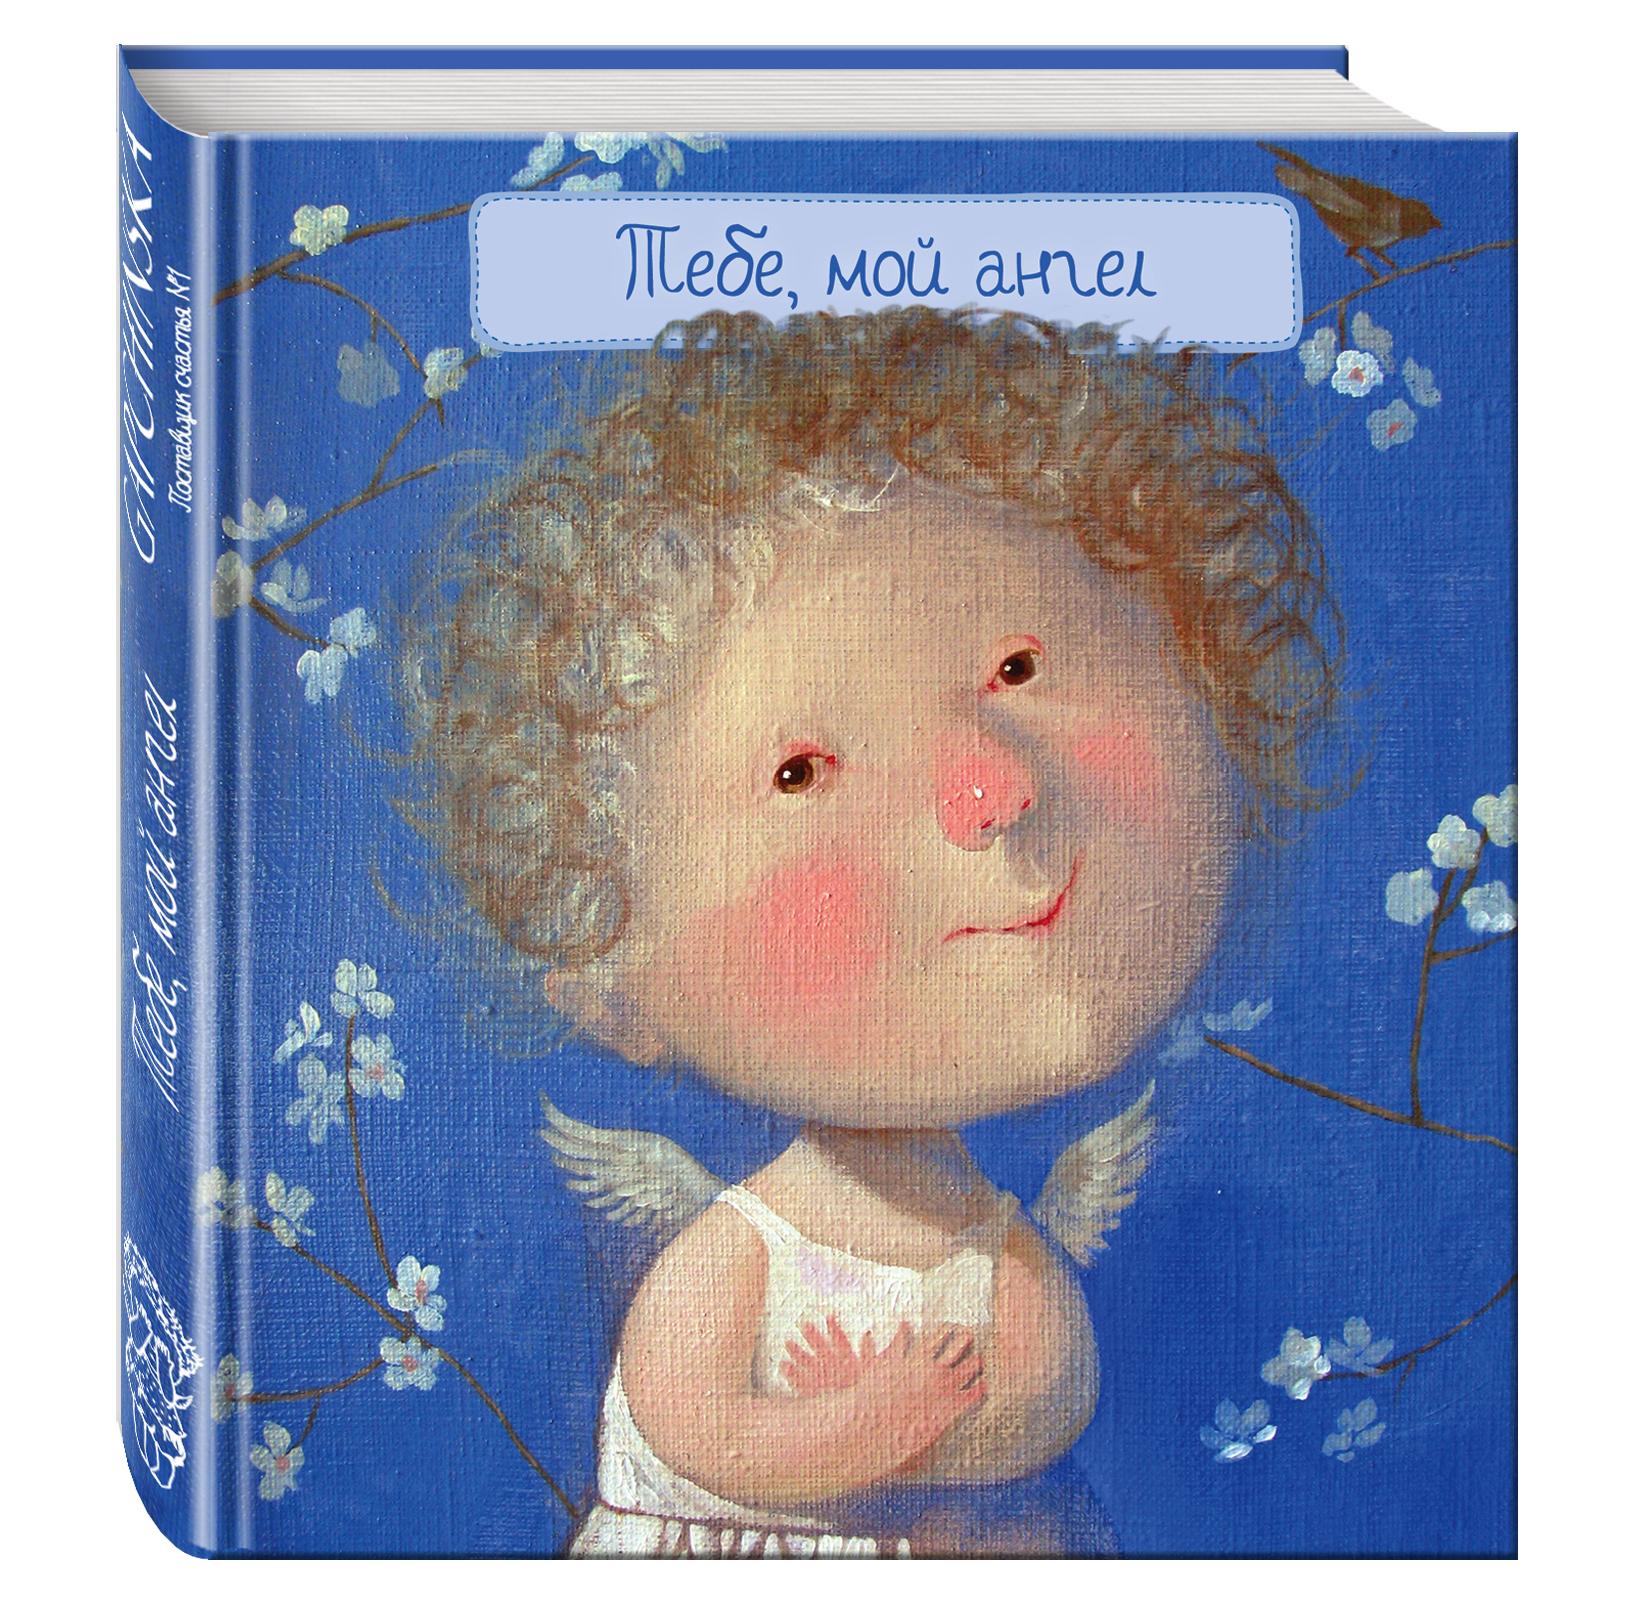 Тебе, мой ангел (книга в формате ПЛЧ) 2-е издание копии картин гапчинской киев